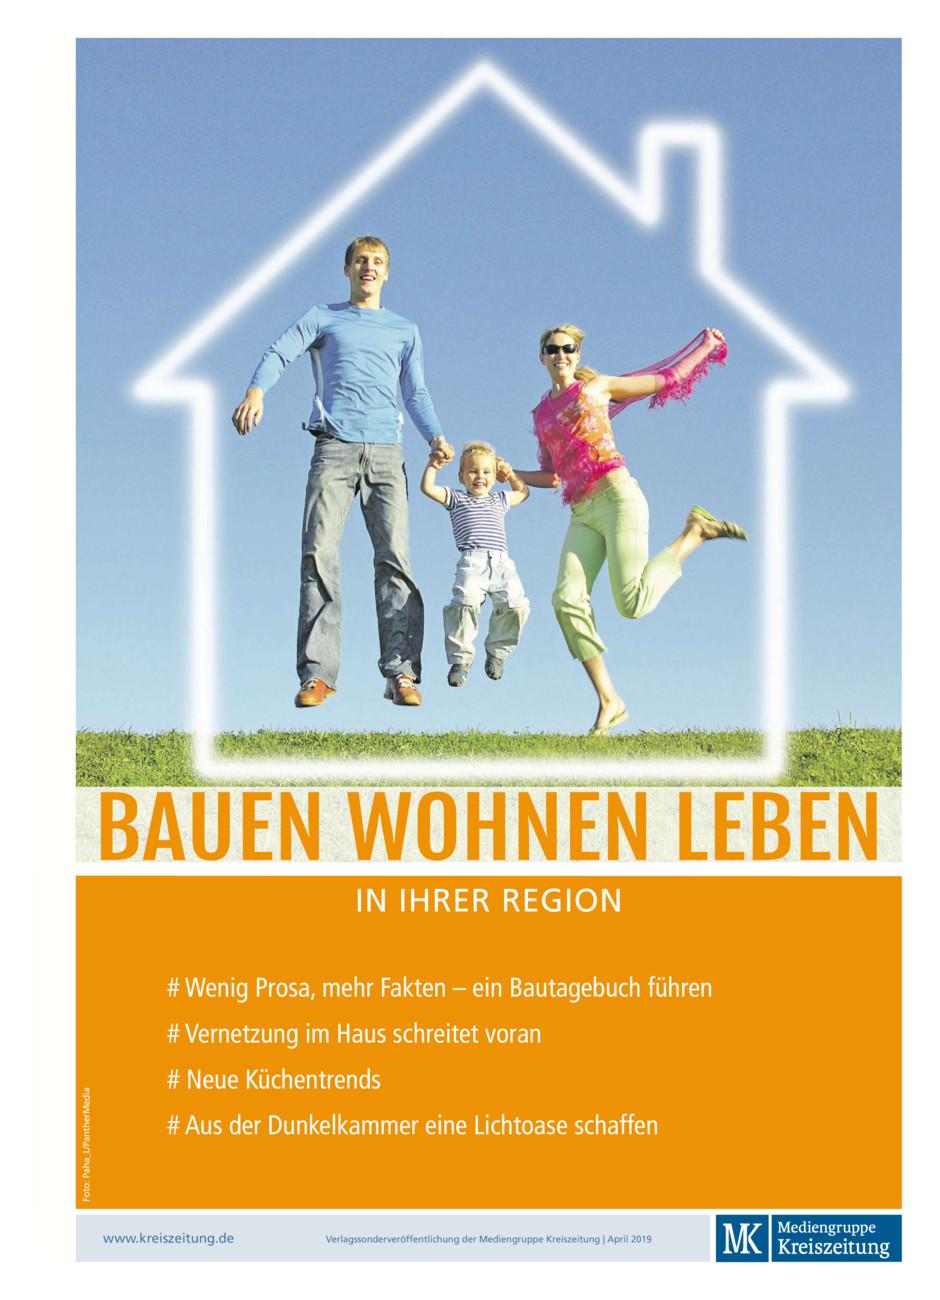 Bauen, Wohnen, Leben (Nord) vom Freitag, 26.04.2019